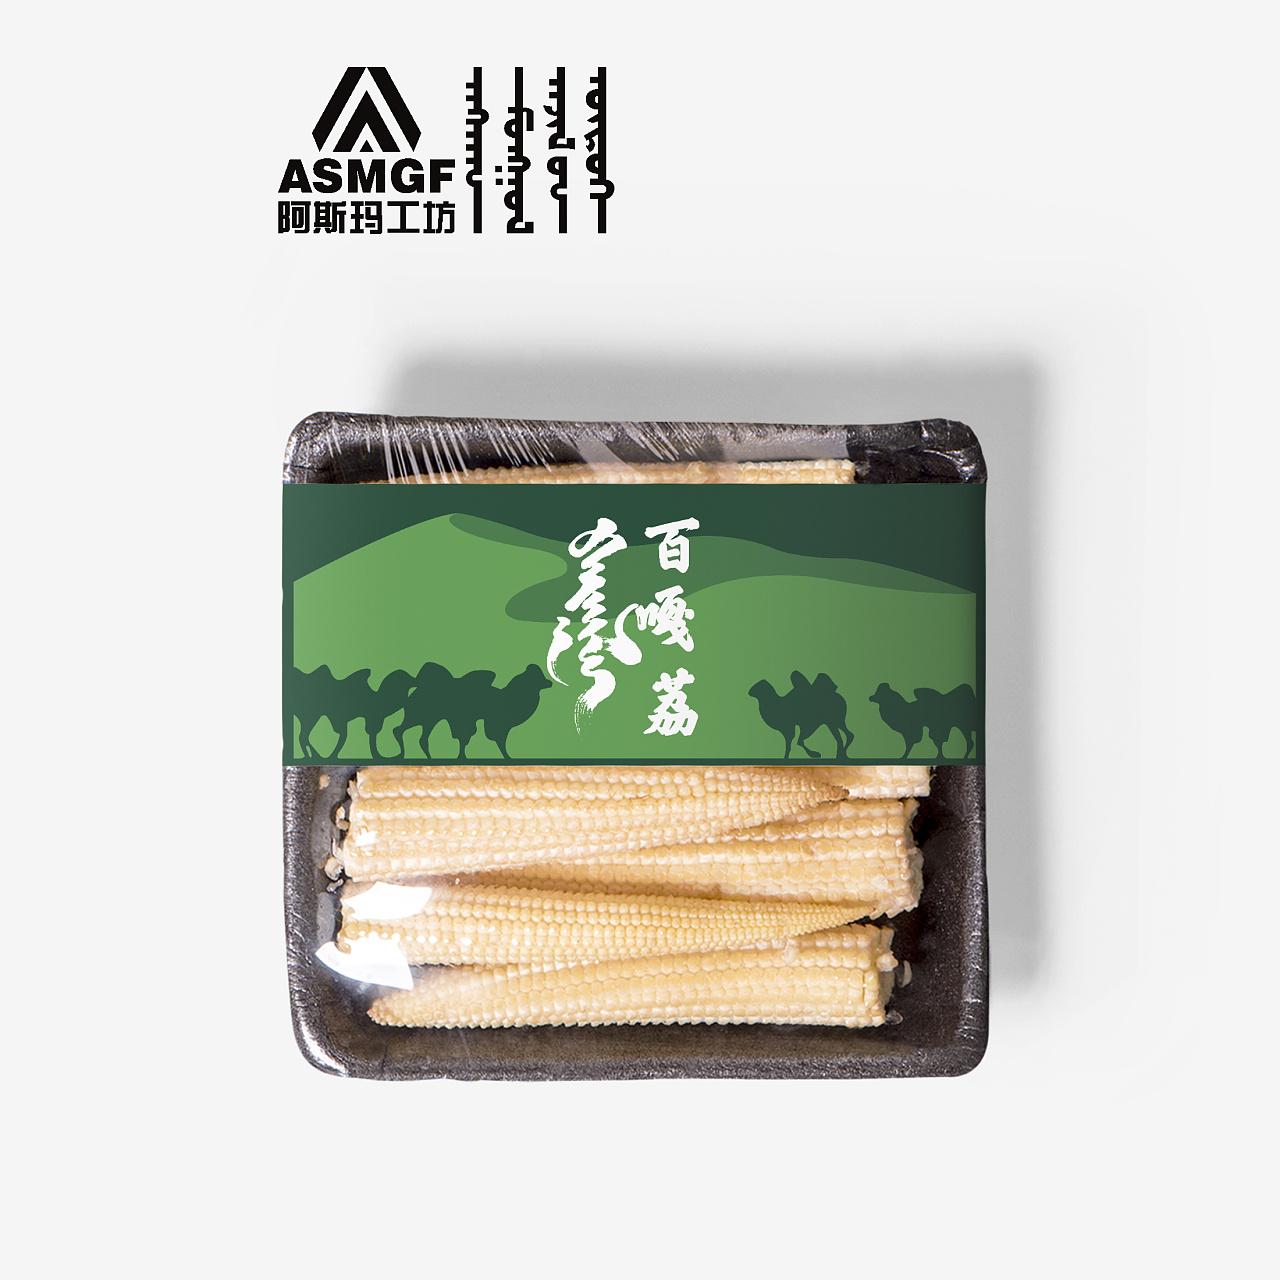 百噶荔-包装设计 第3张 百噶荔-包装设计 蒙古设计